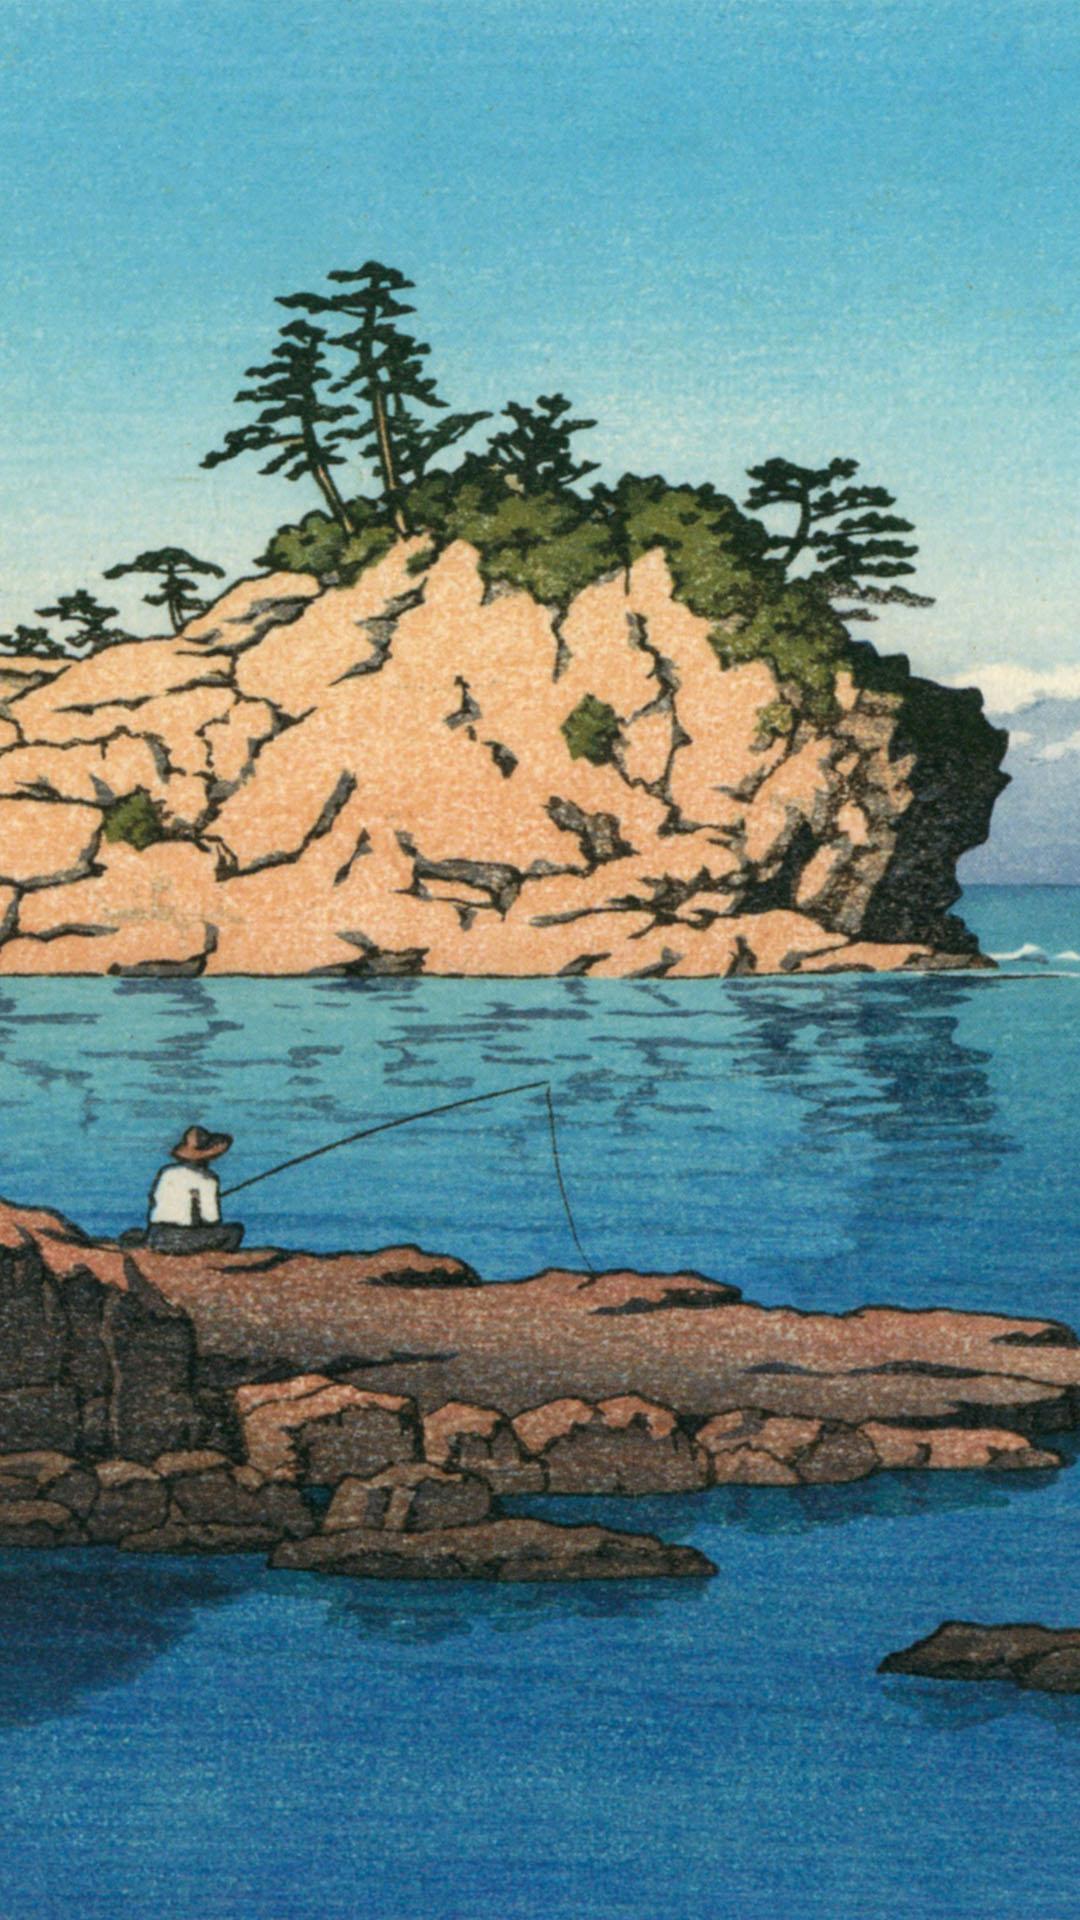 Kawase Hasui - Shirahama engetsu tou 1080x1920